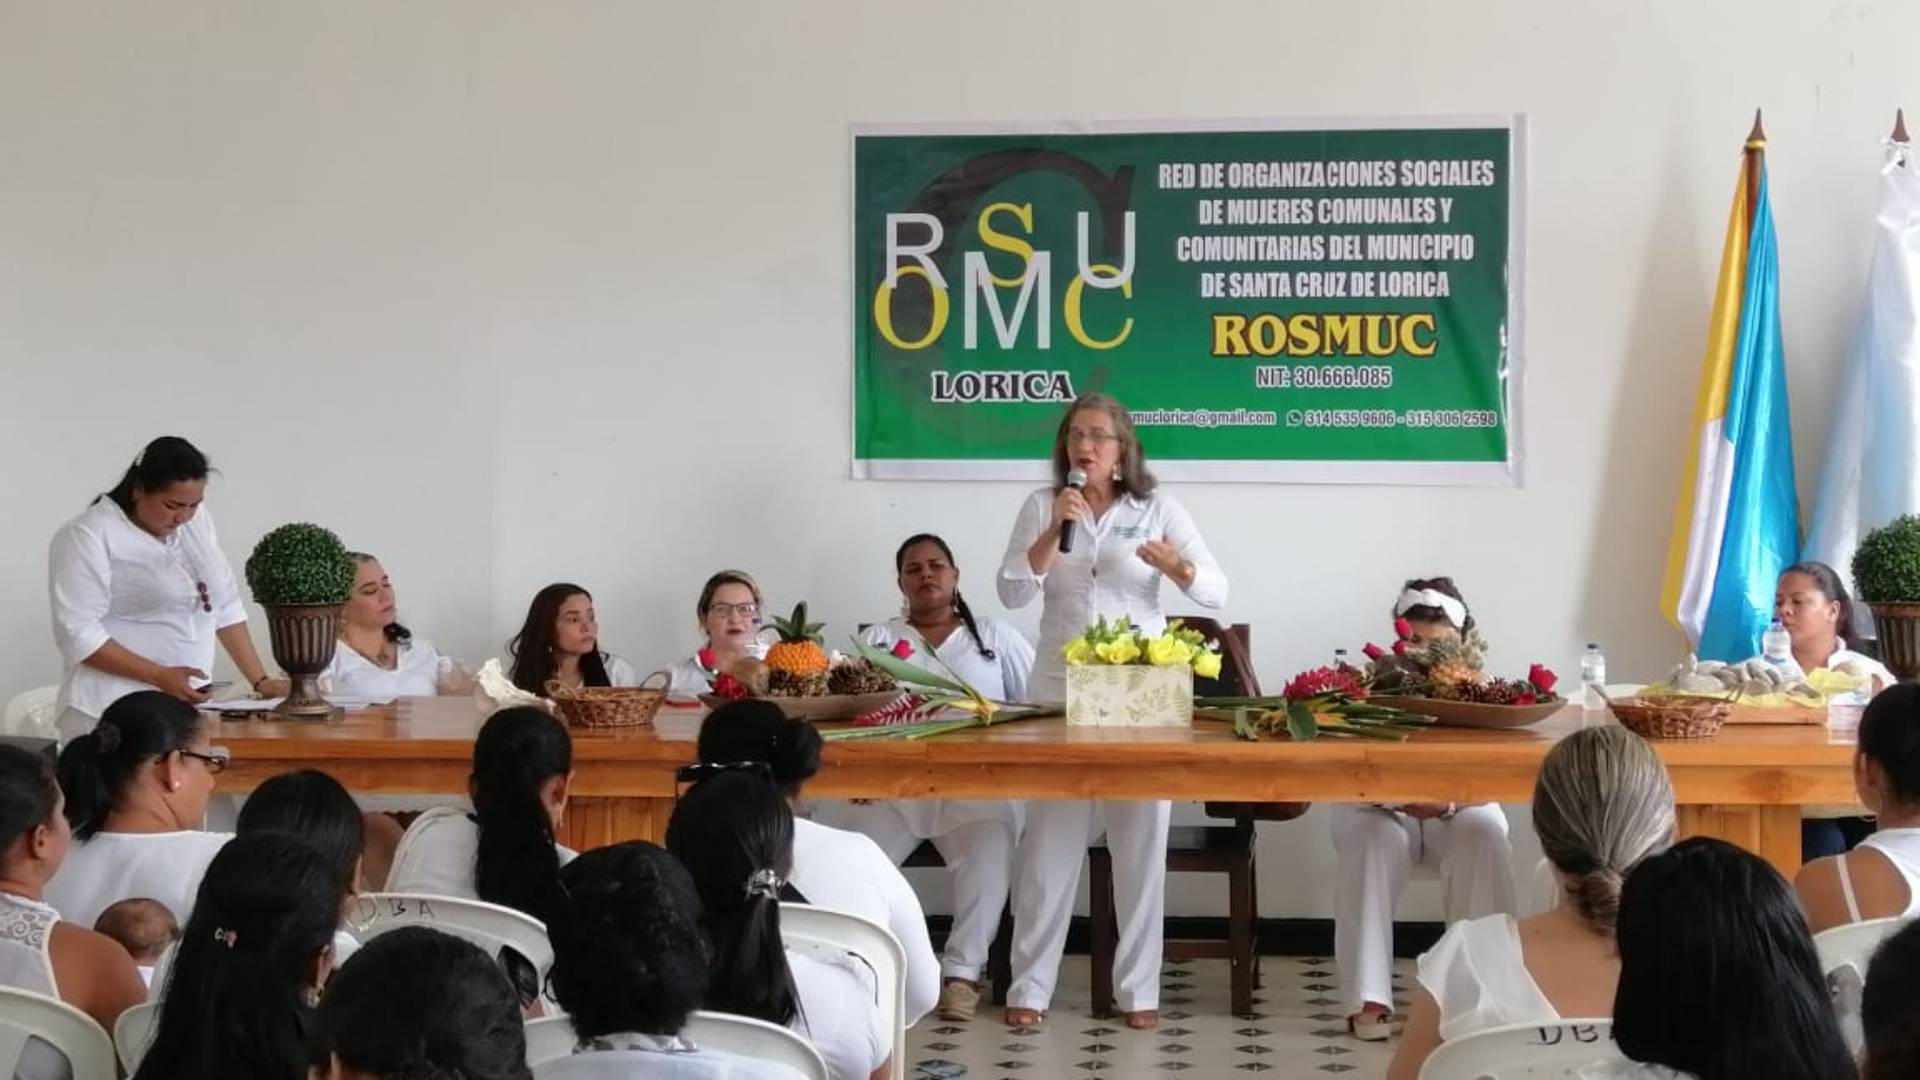 En uno de los departamentos con el mayor índice de analfabetismo en el país, Fráncisca Sánchez ha hecho su misión de vida educar a las mujeres cordobesas en derechos para así cambiar su región .